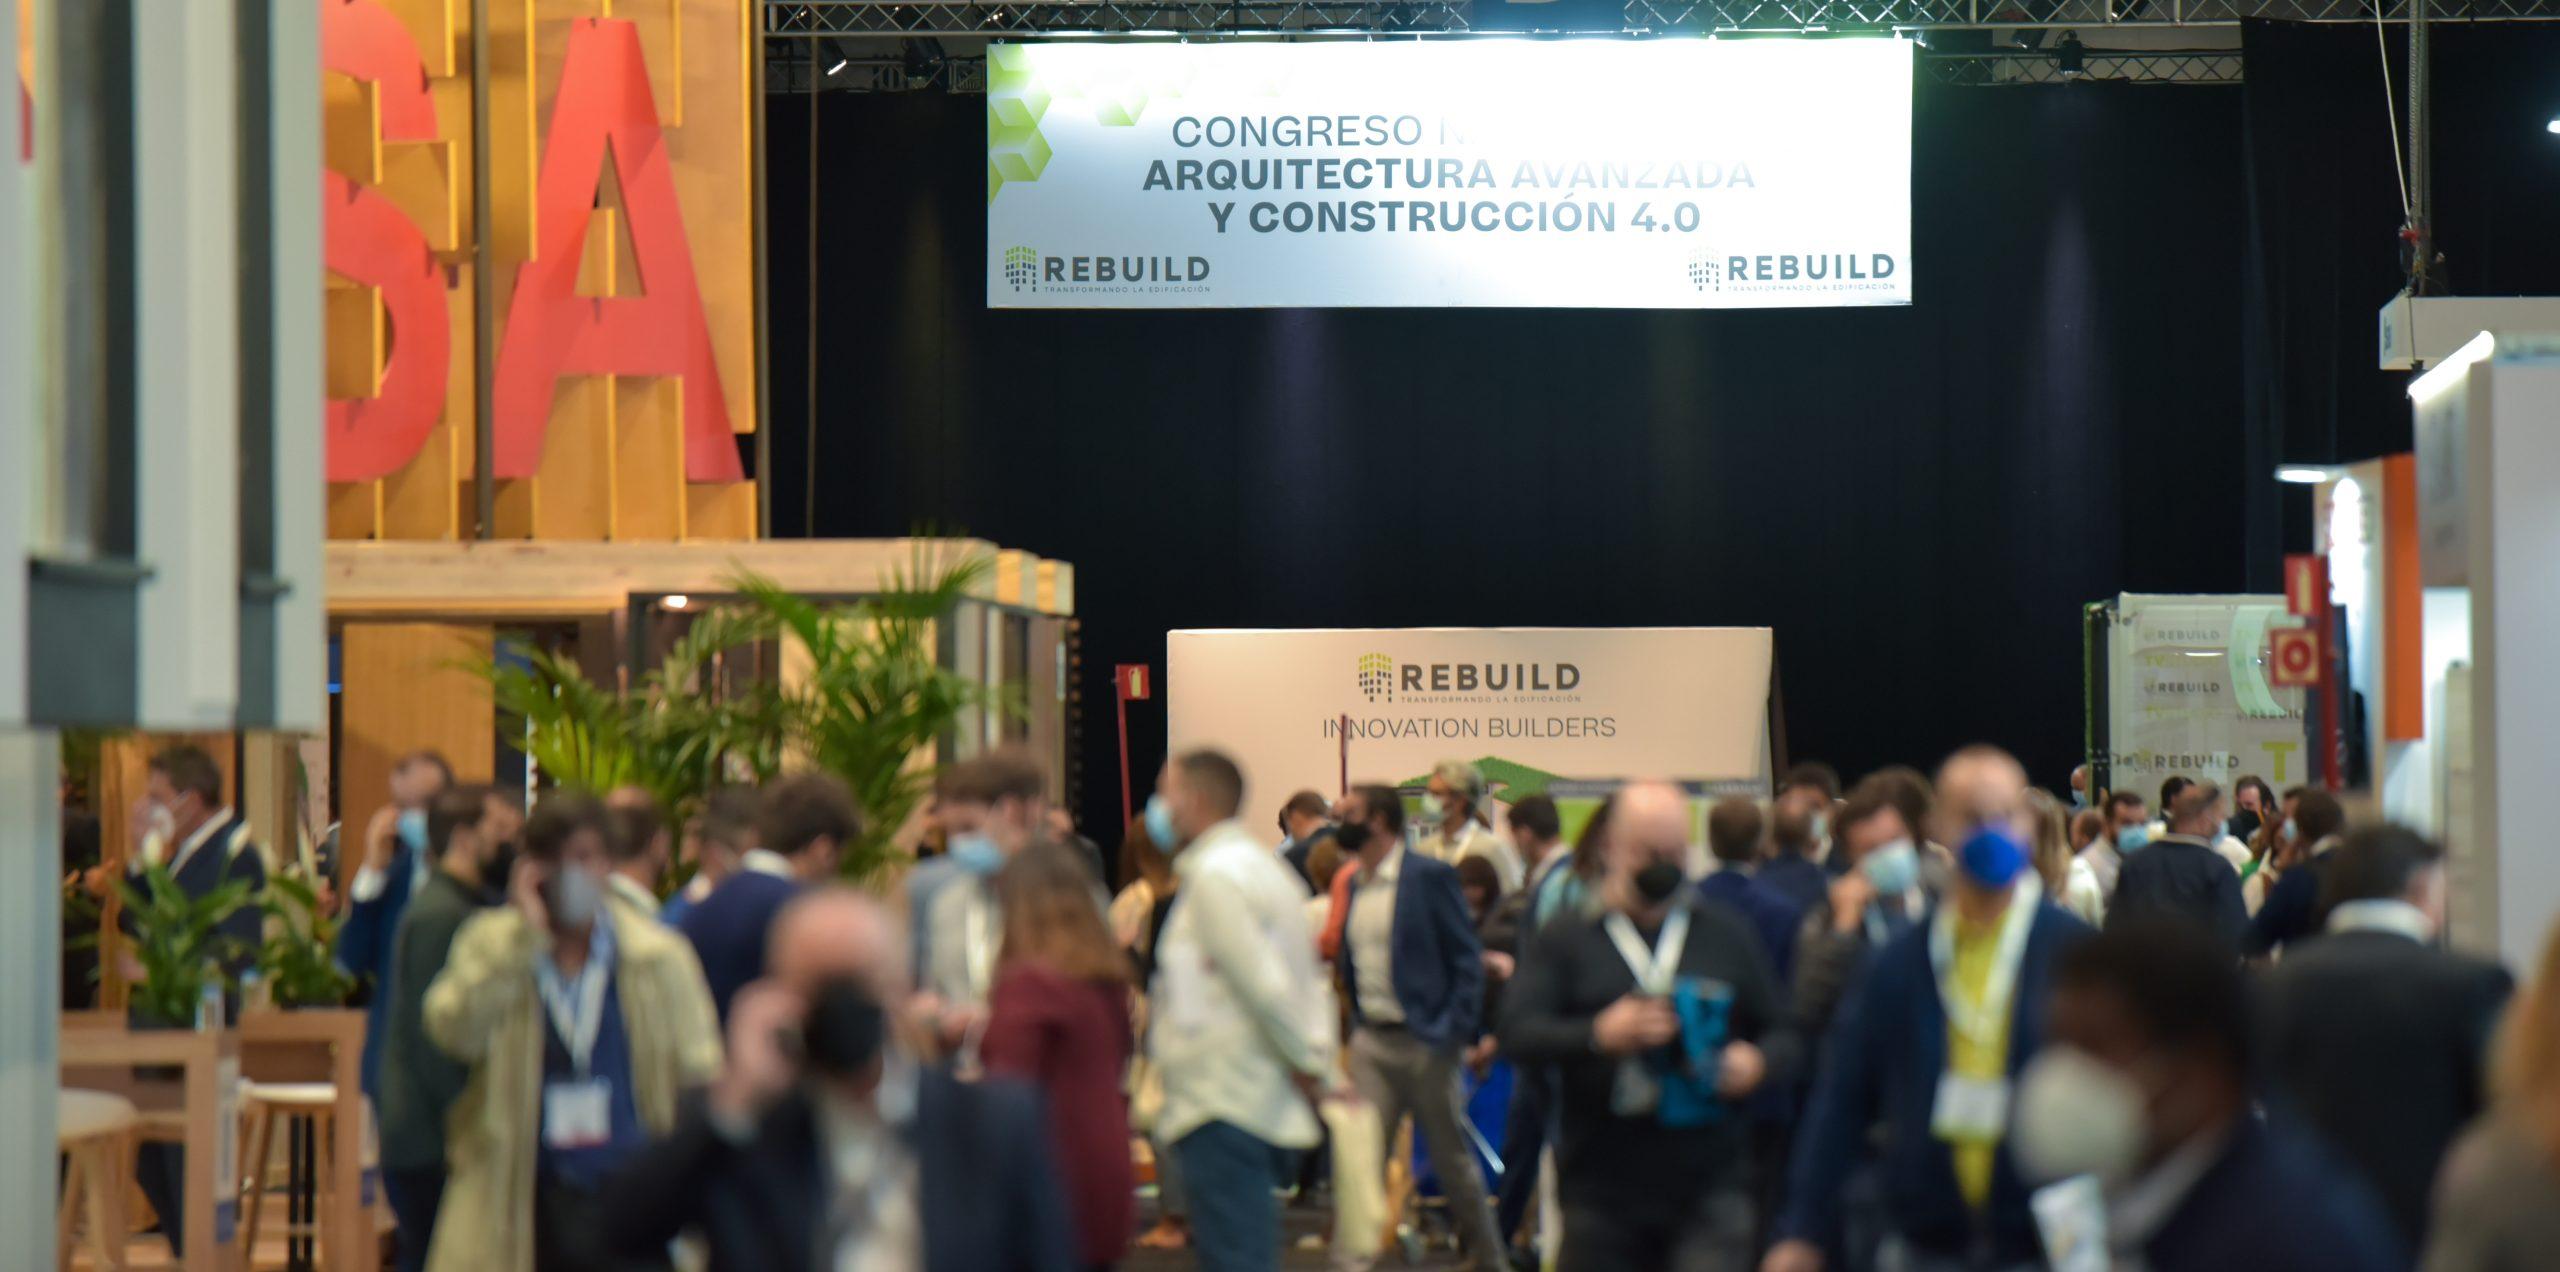 10.673 congresistas llenan IFEMA en la gran semana de la edificación de Madrid